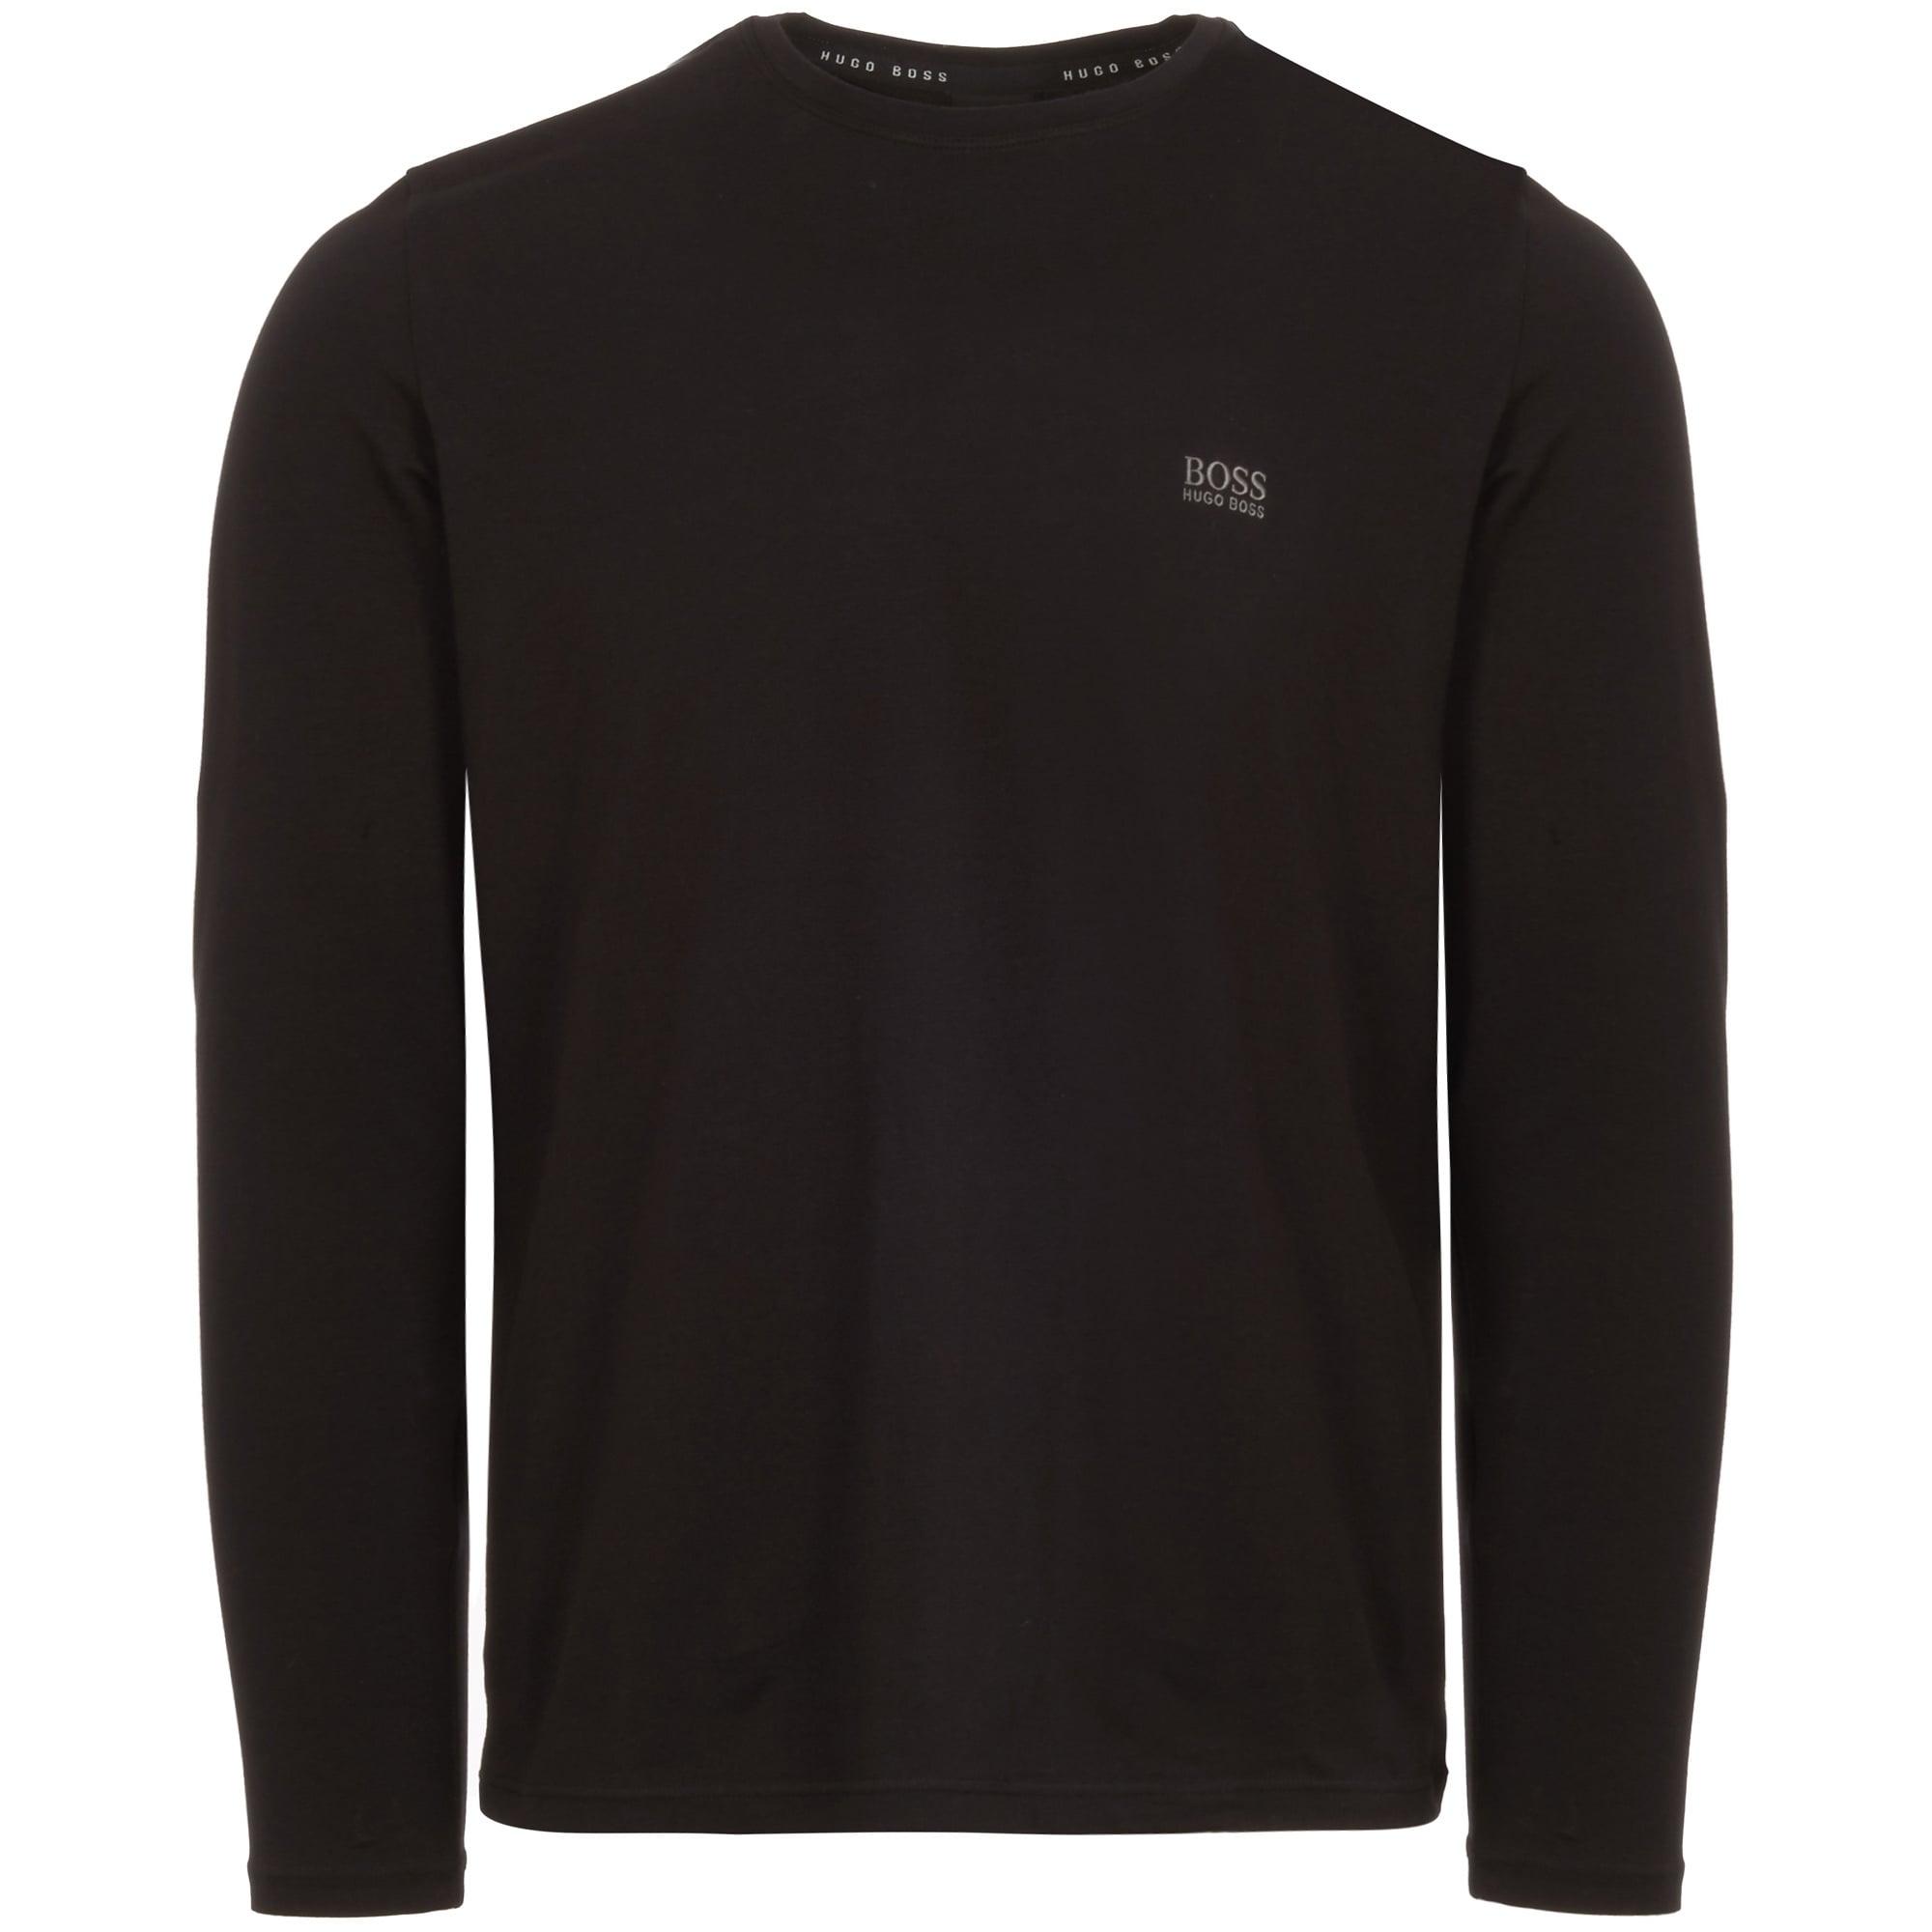 5ebd9278c Hugo Boss Black Long Sleeve T-Shirt | Stuarts London